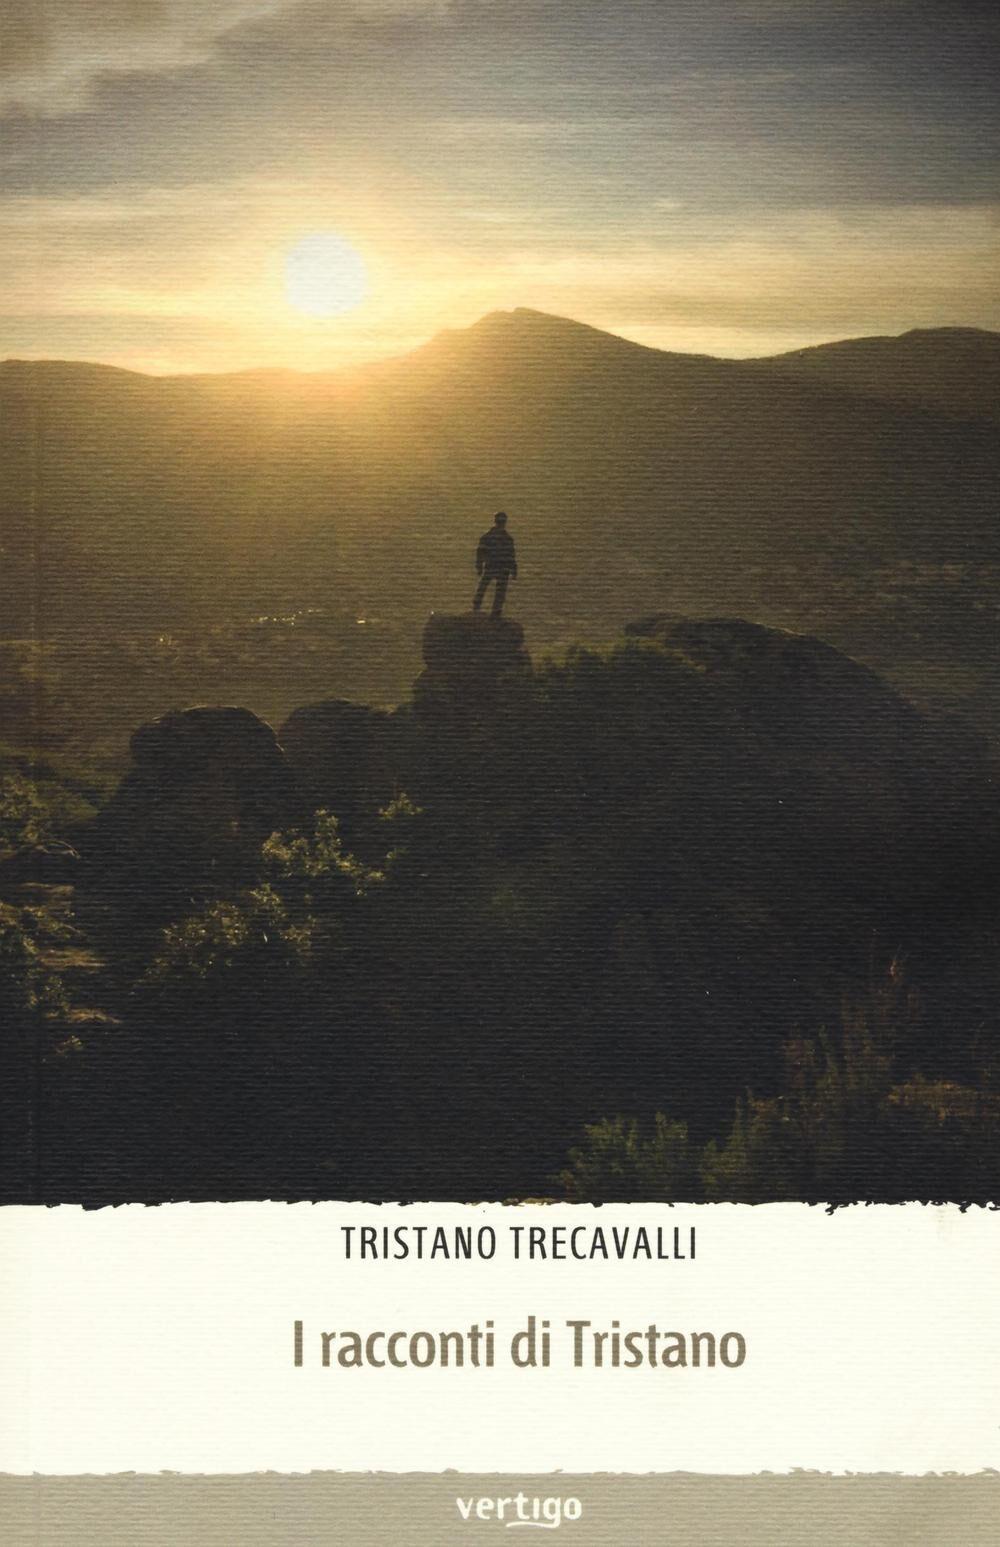 I racconti di Tristano